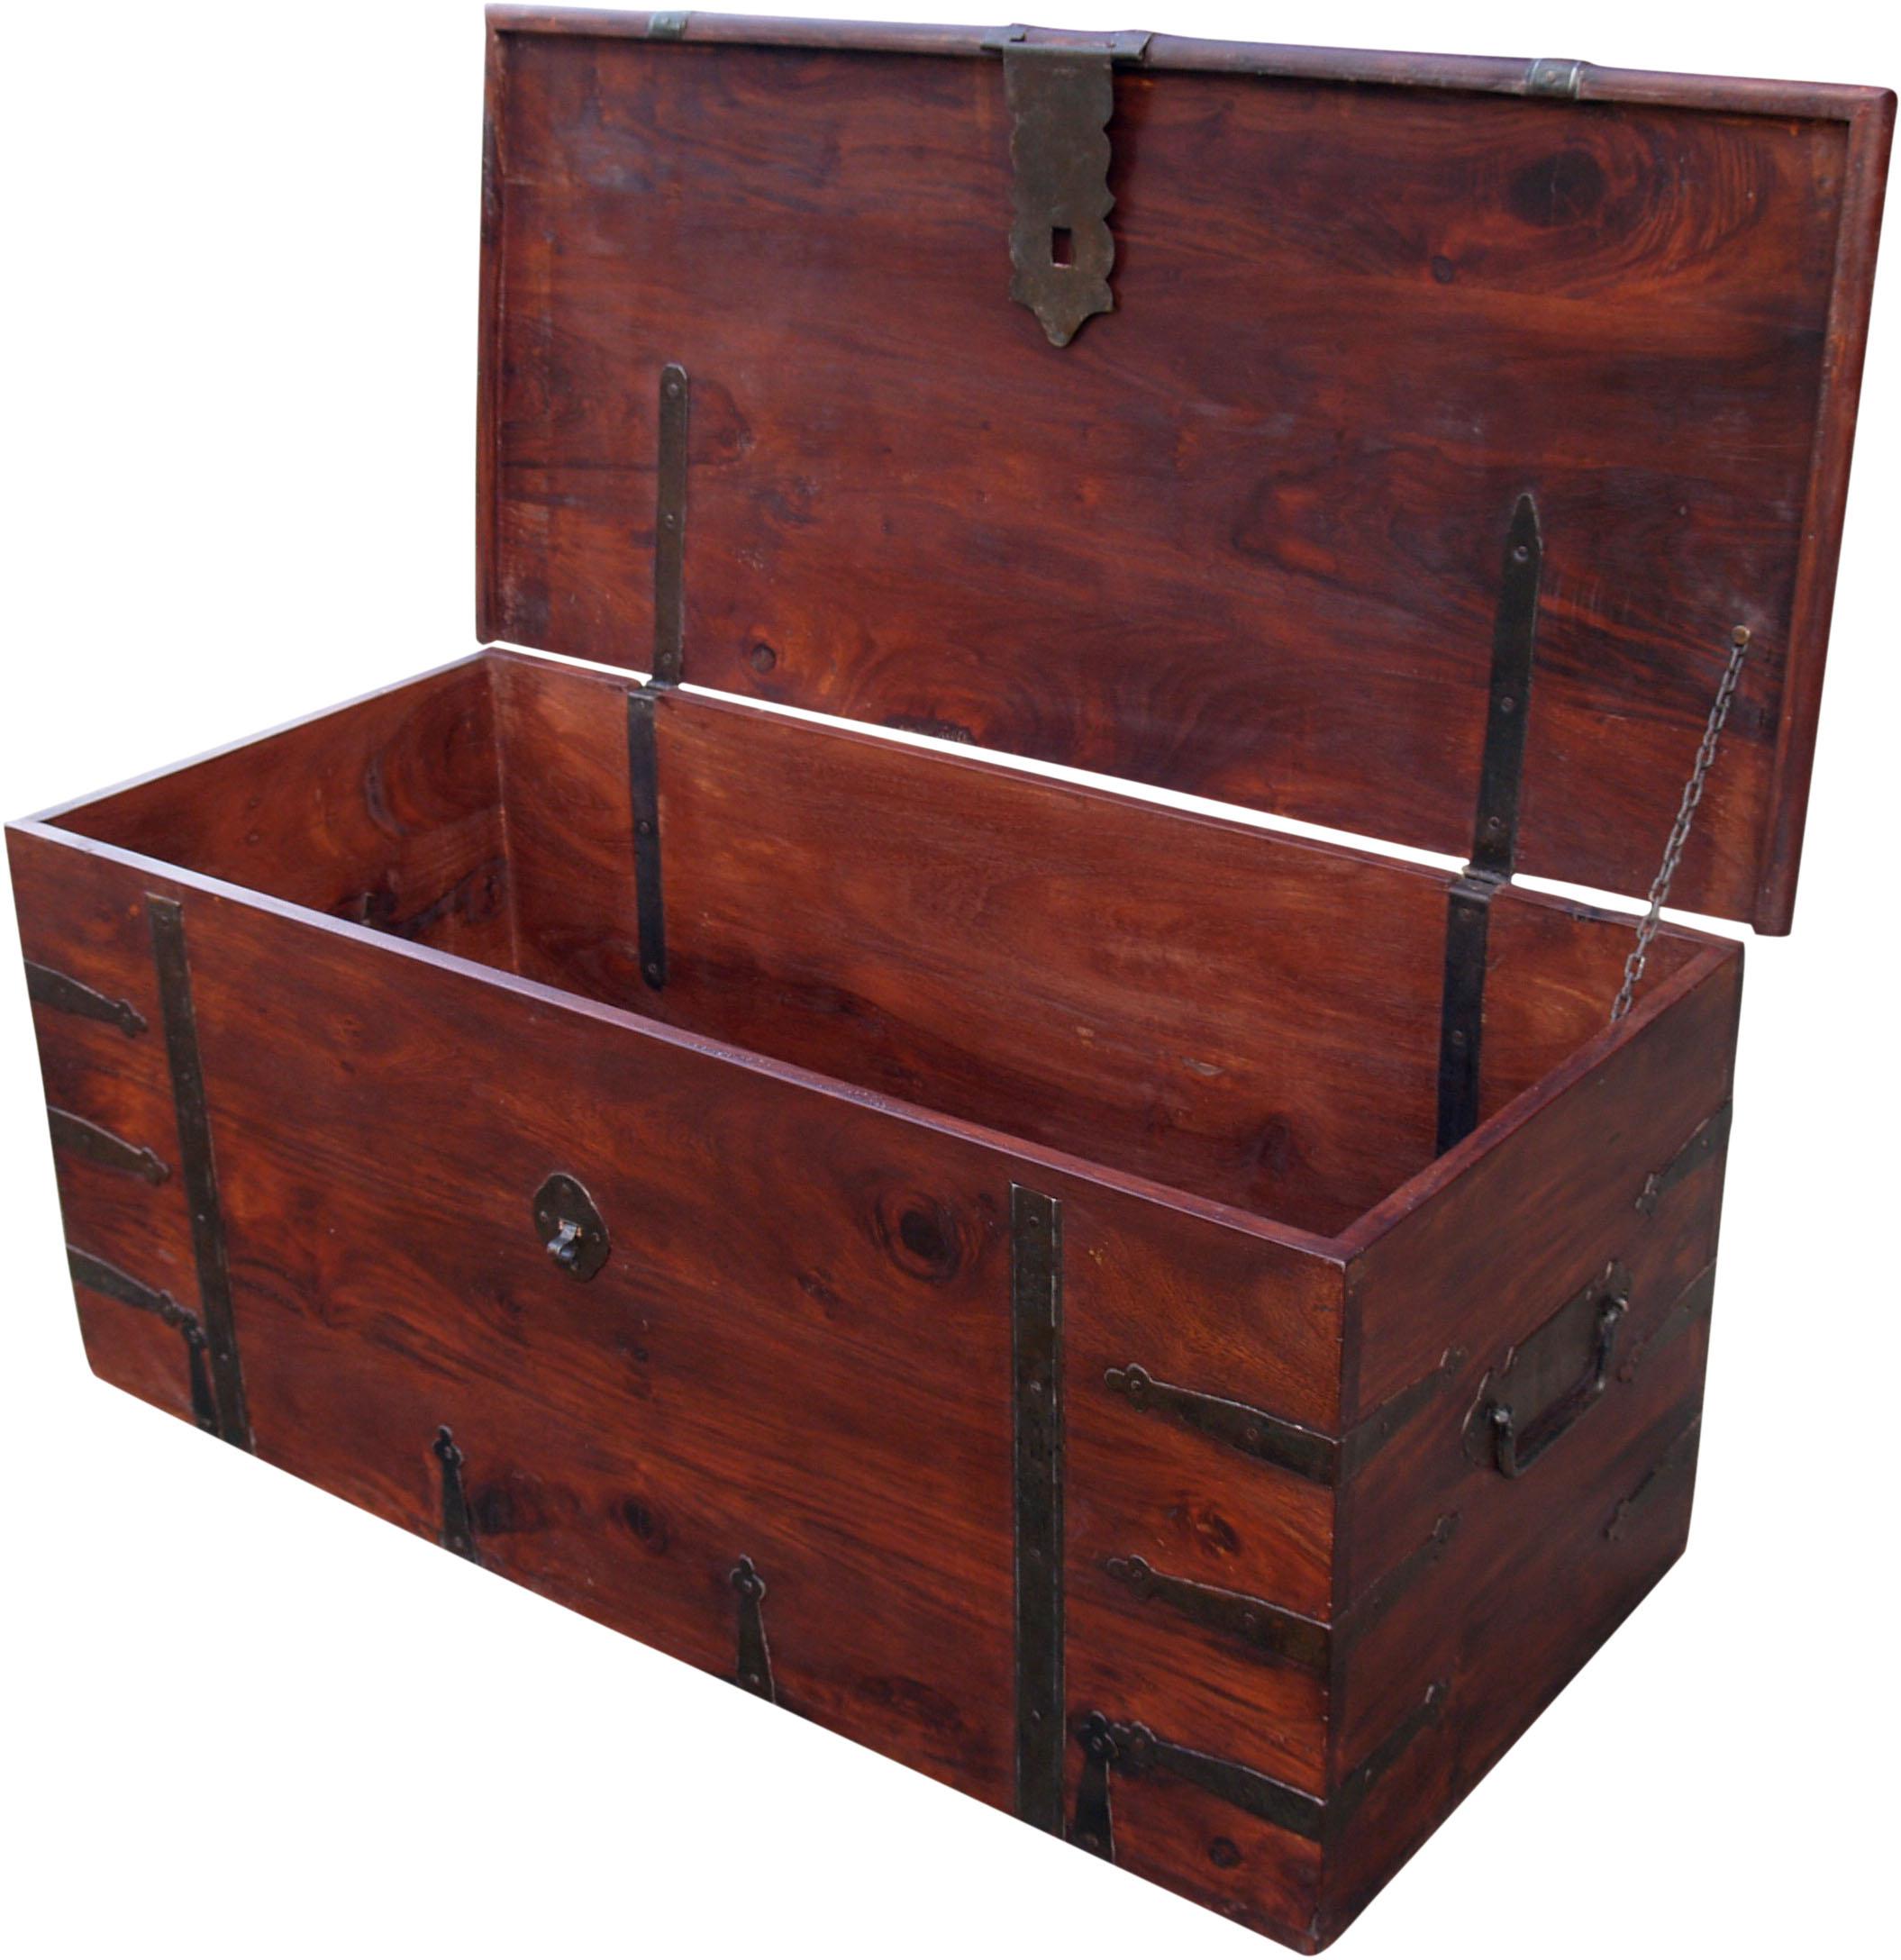 kolonialstil truhe r251. Black Bedroom Furniture Sets. Home Design Ideas